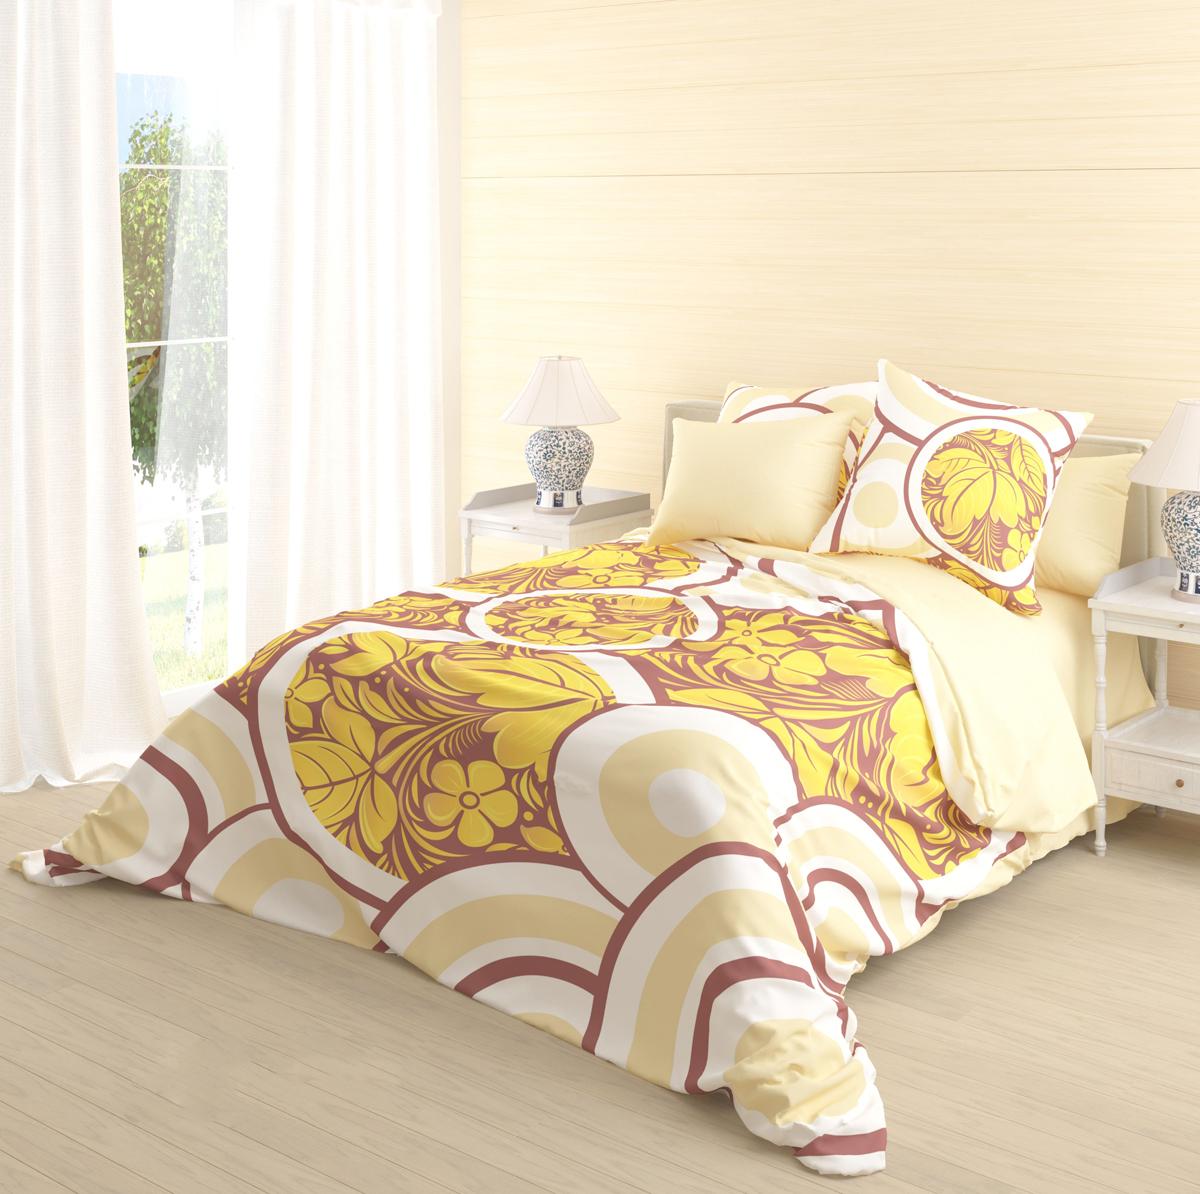 Комплект белья Волшебная ночь Kupava, 2-спальный, наволочки 70х70 см718610